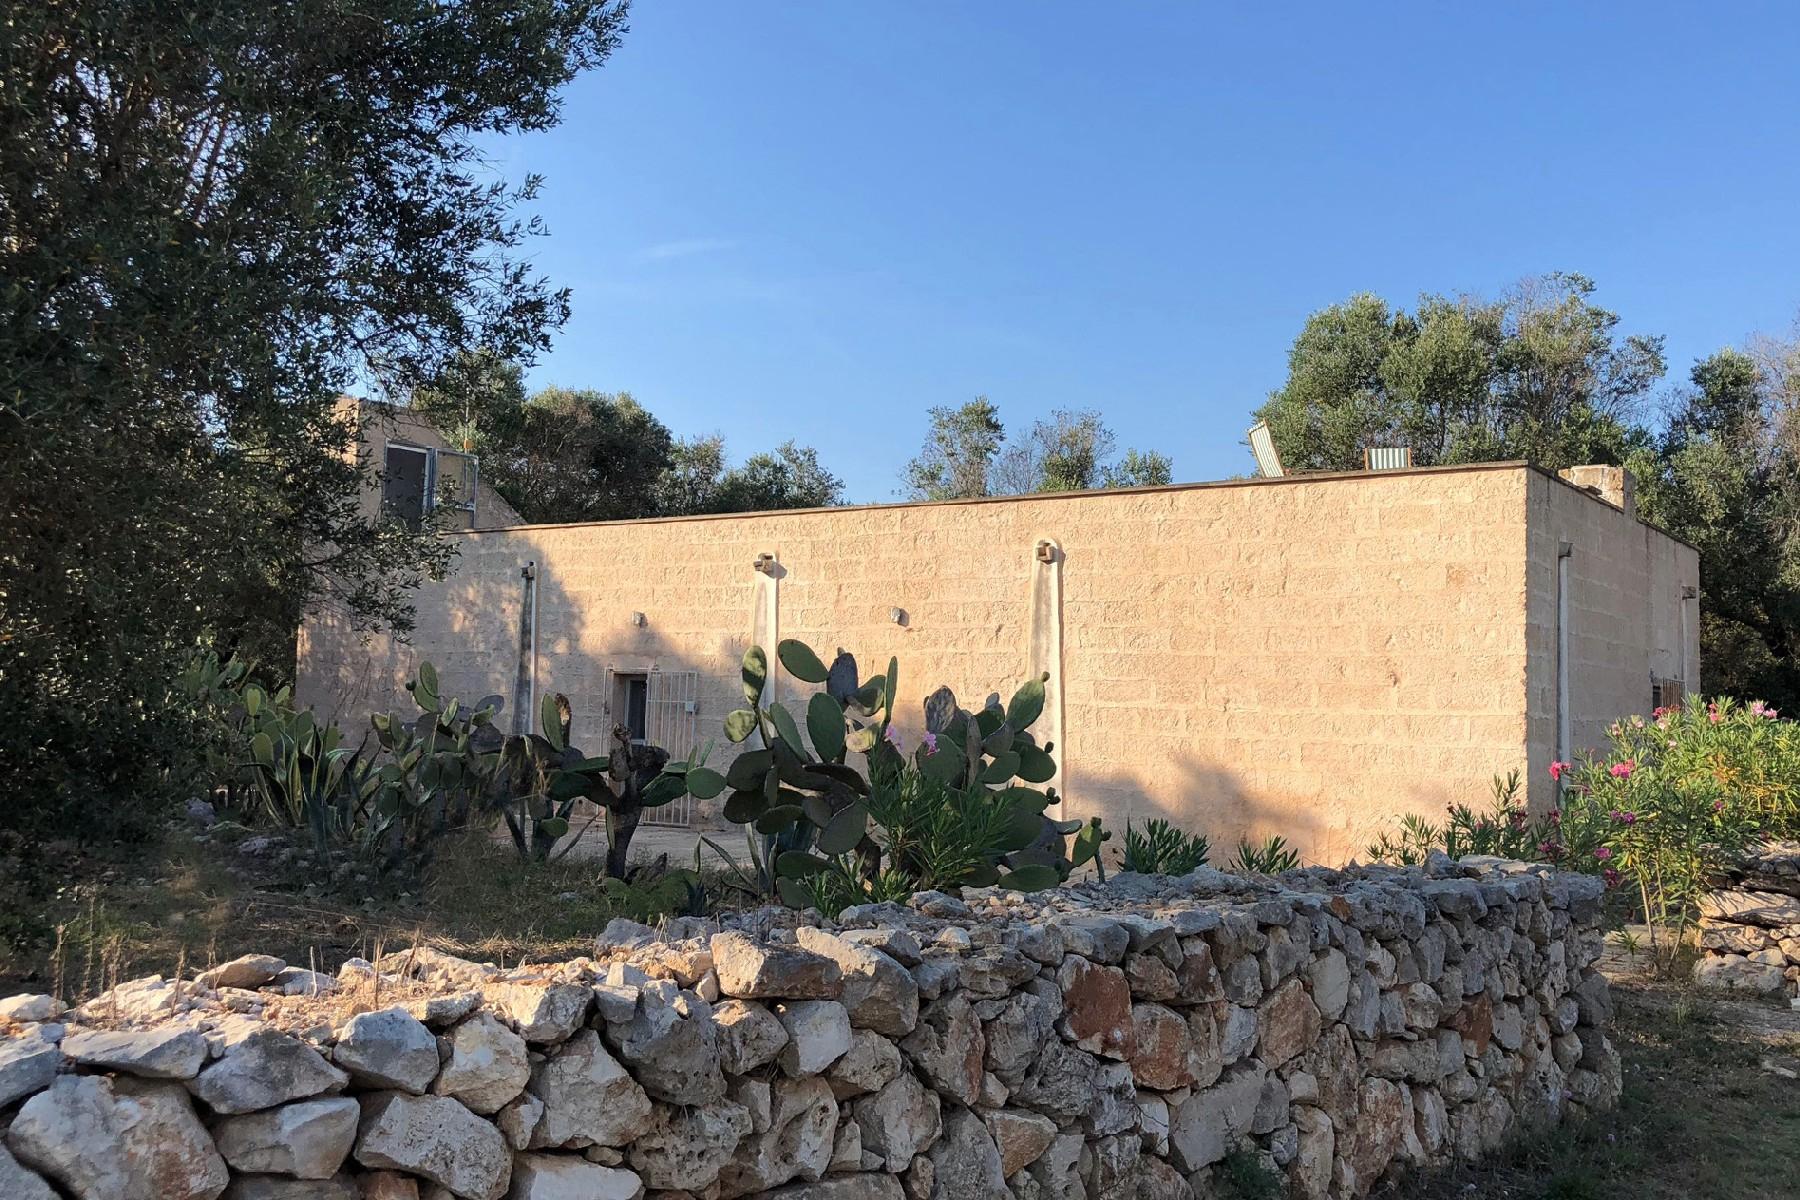 Casa indipendente in Vendita a Ugento: 4 locali, 160 mq - Foto 4